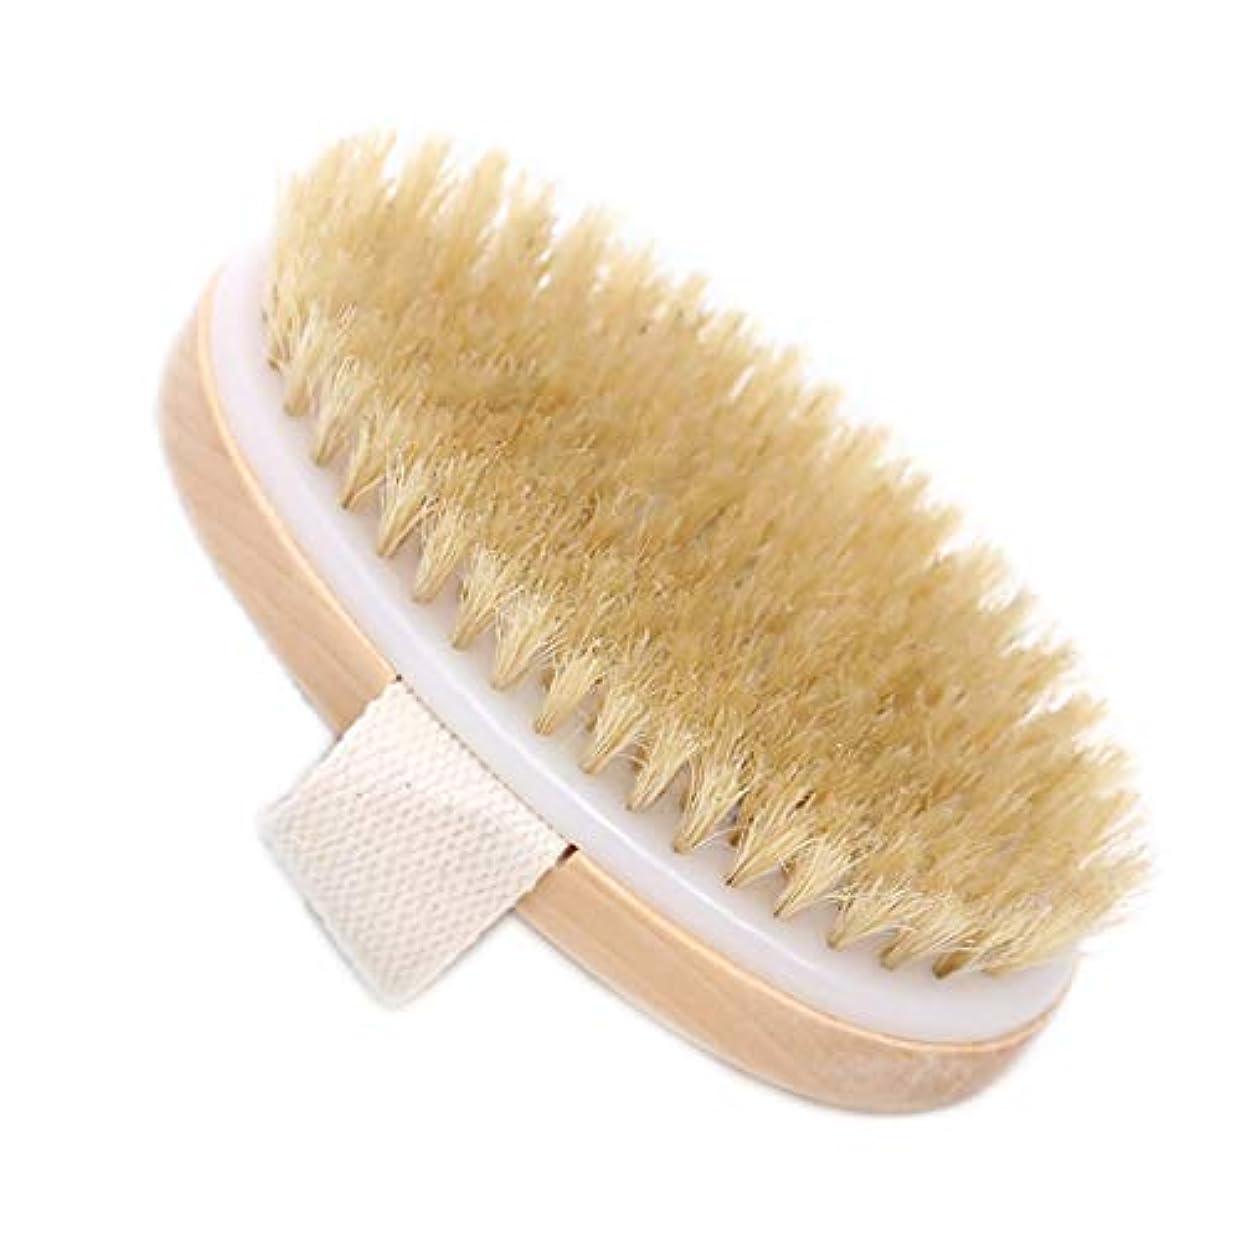 暗記する行商人領域Maltose ボディブラシ 豚毛 天然素材 木製 短柄 足を洗う 角質除去 美肌 バス用品 (C:12.5 * 7CM)